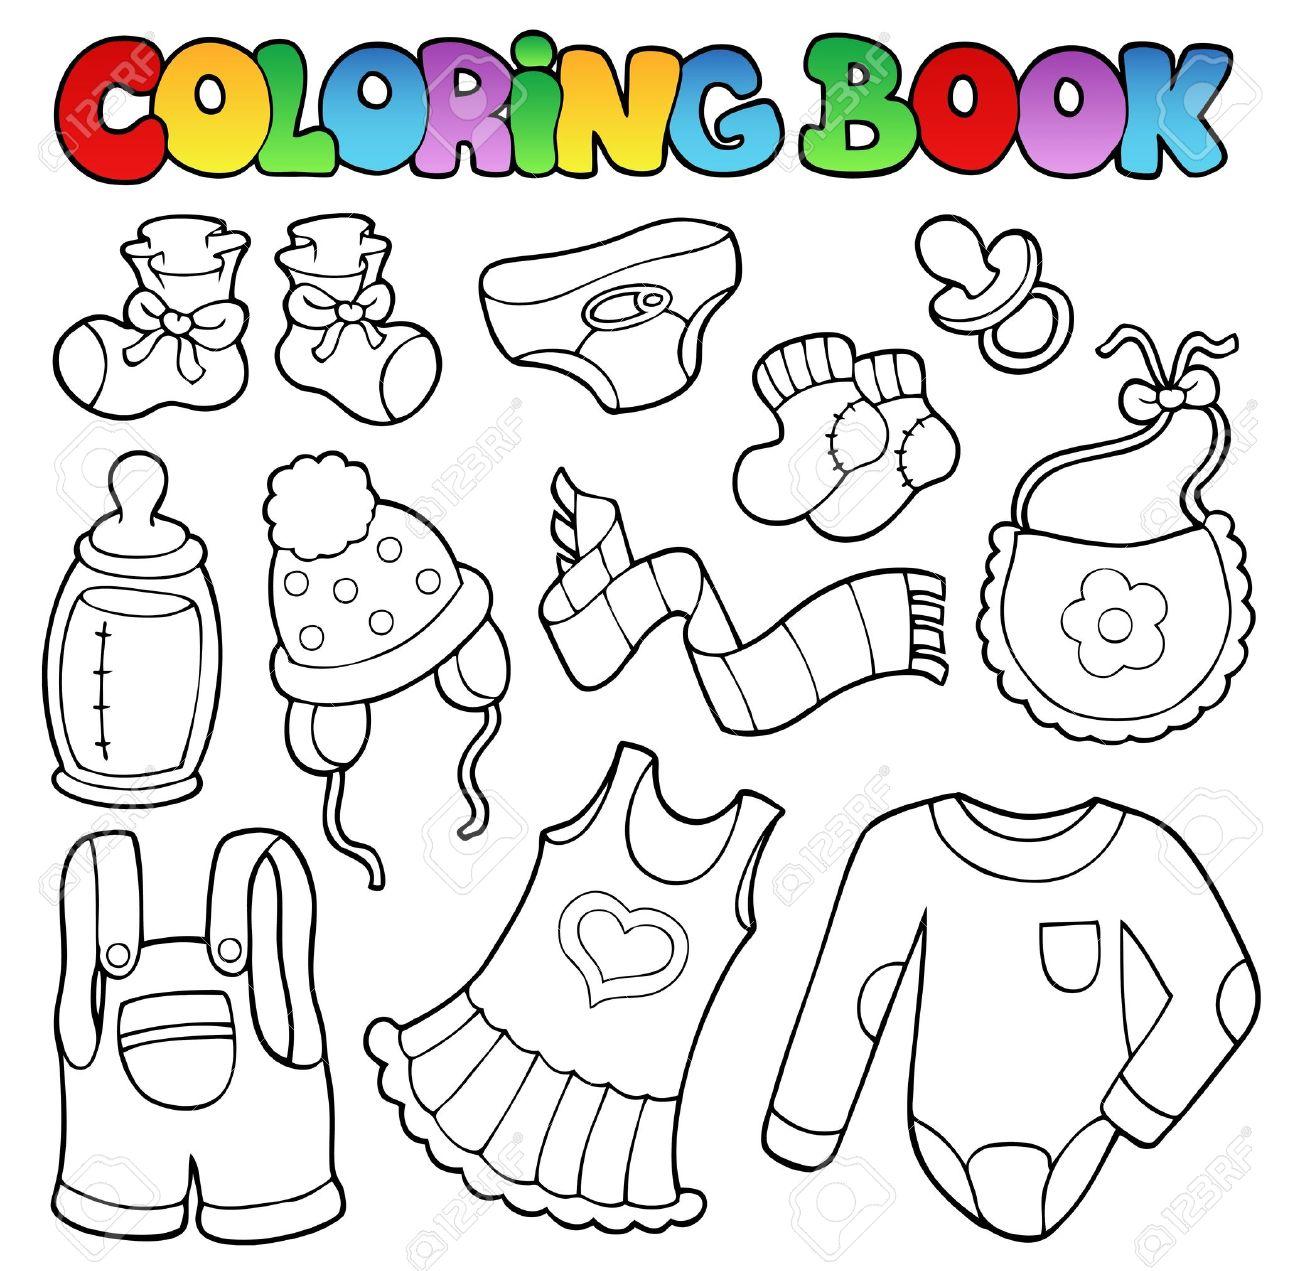 Foto de archivo , Para colorear ropa de bebé libro , ilustración vectorial.